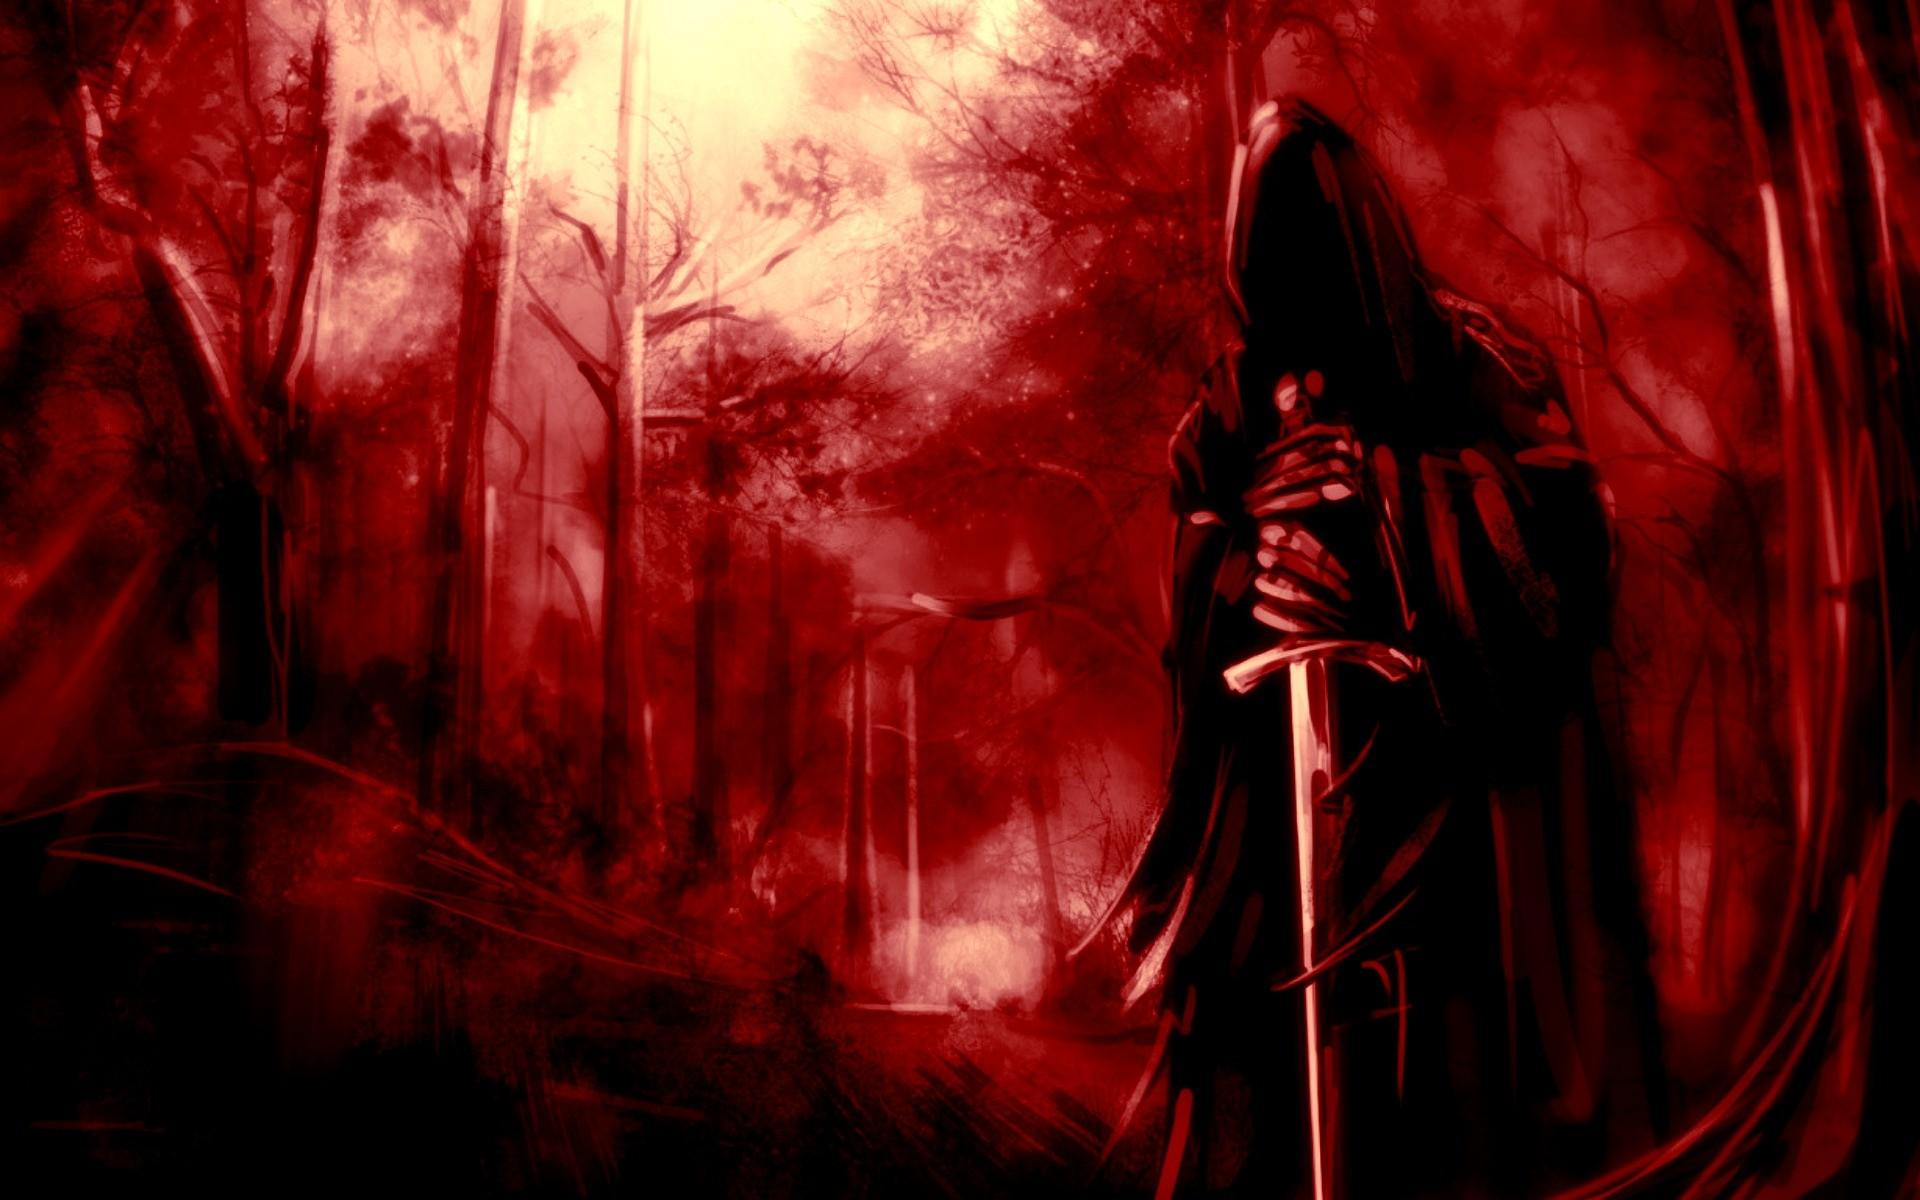 Grim Reaper Computer Wallpapers Desktop Backgrounds 1920x1200 ID 1920x1200